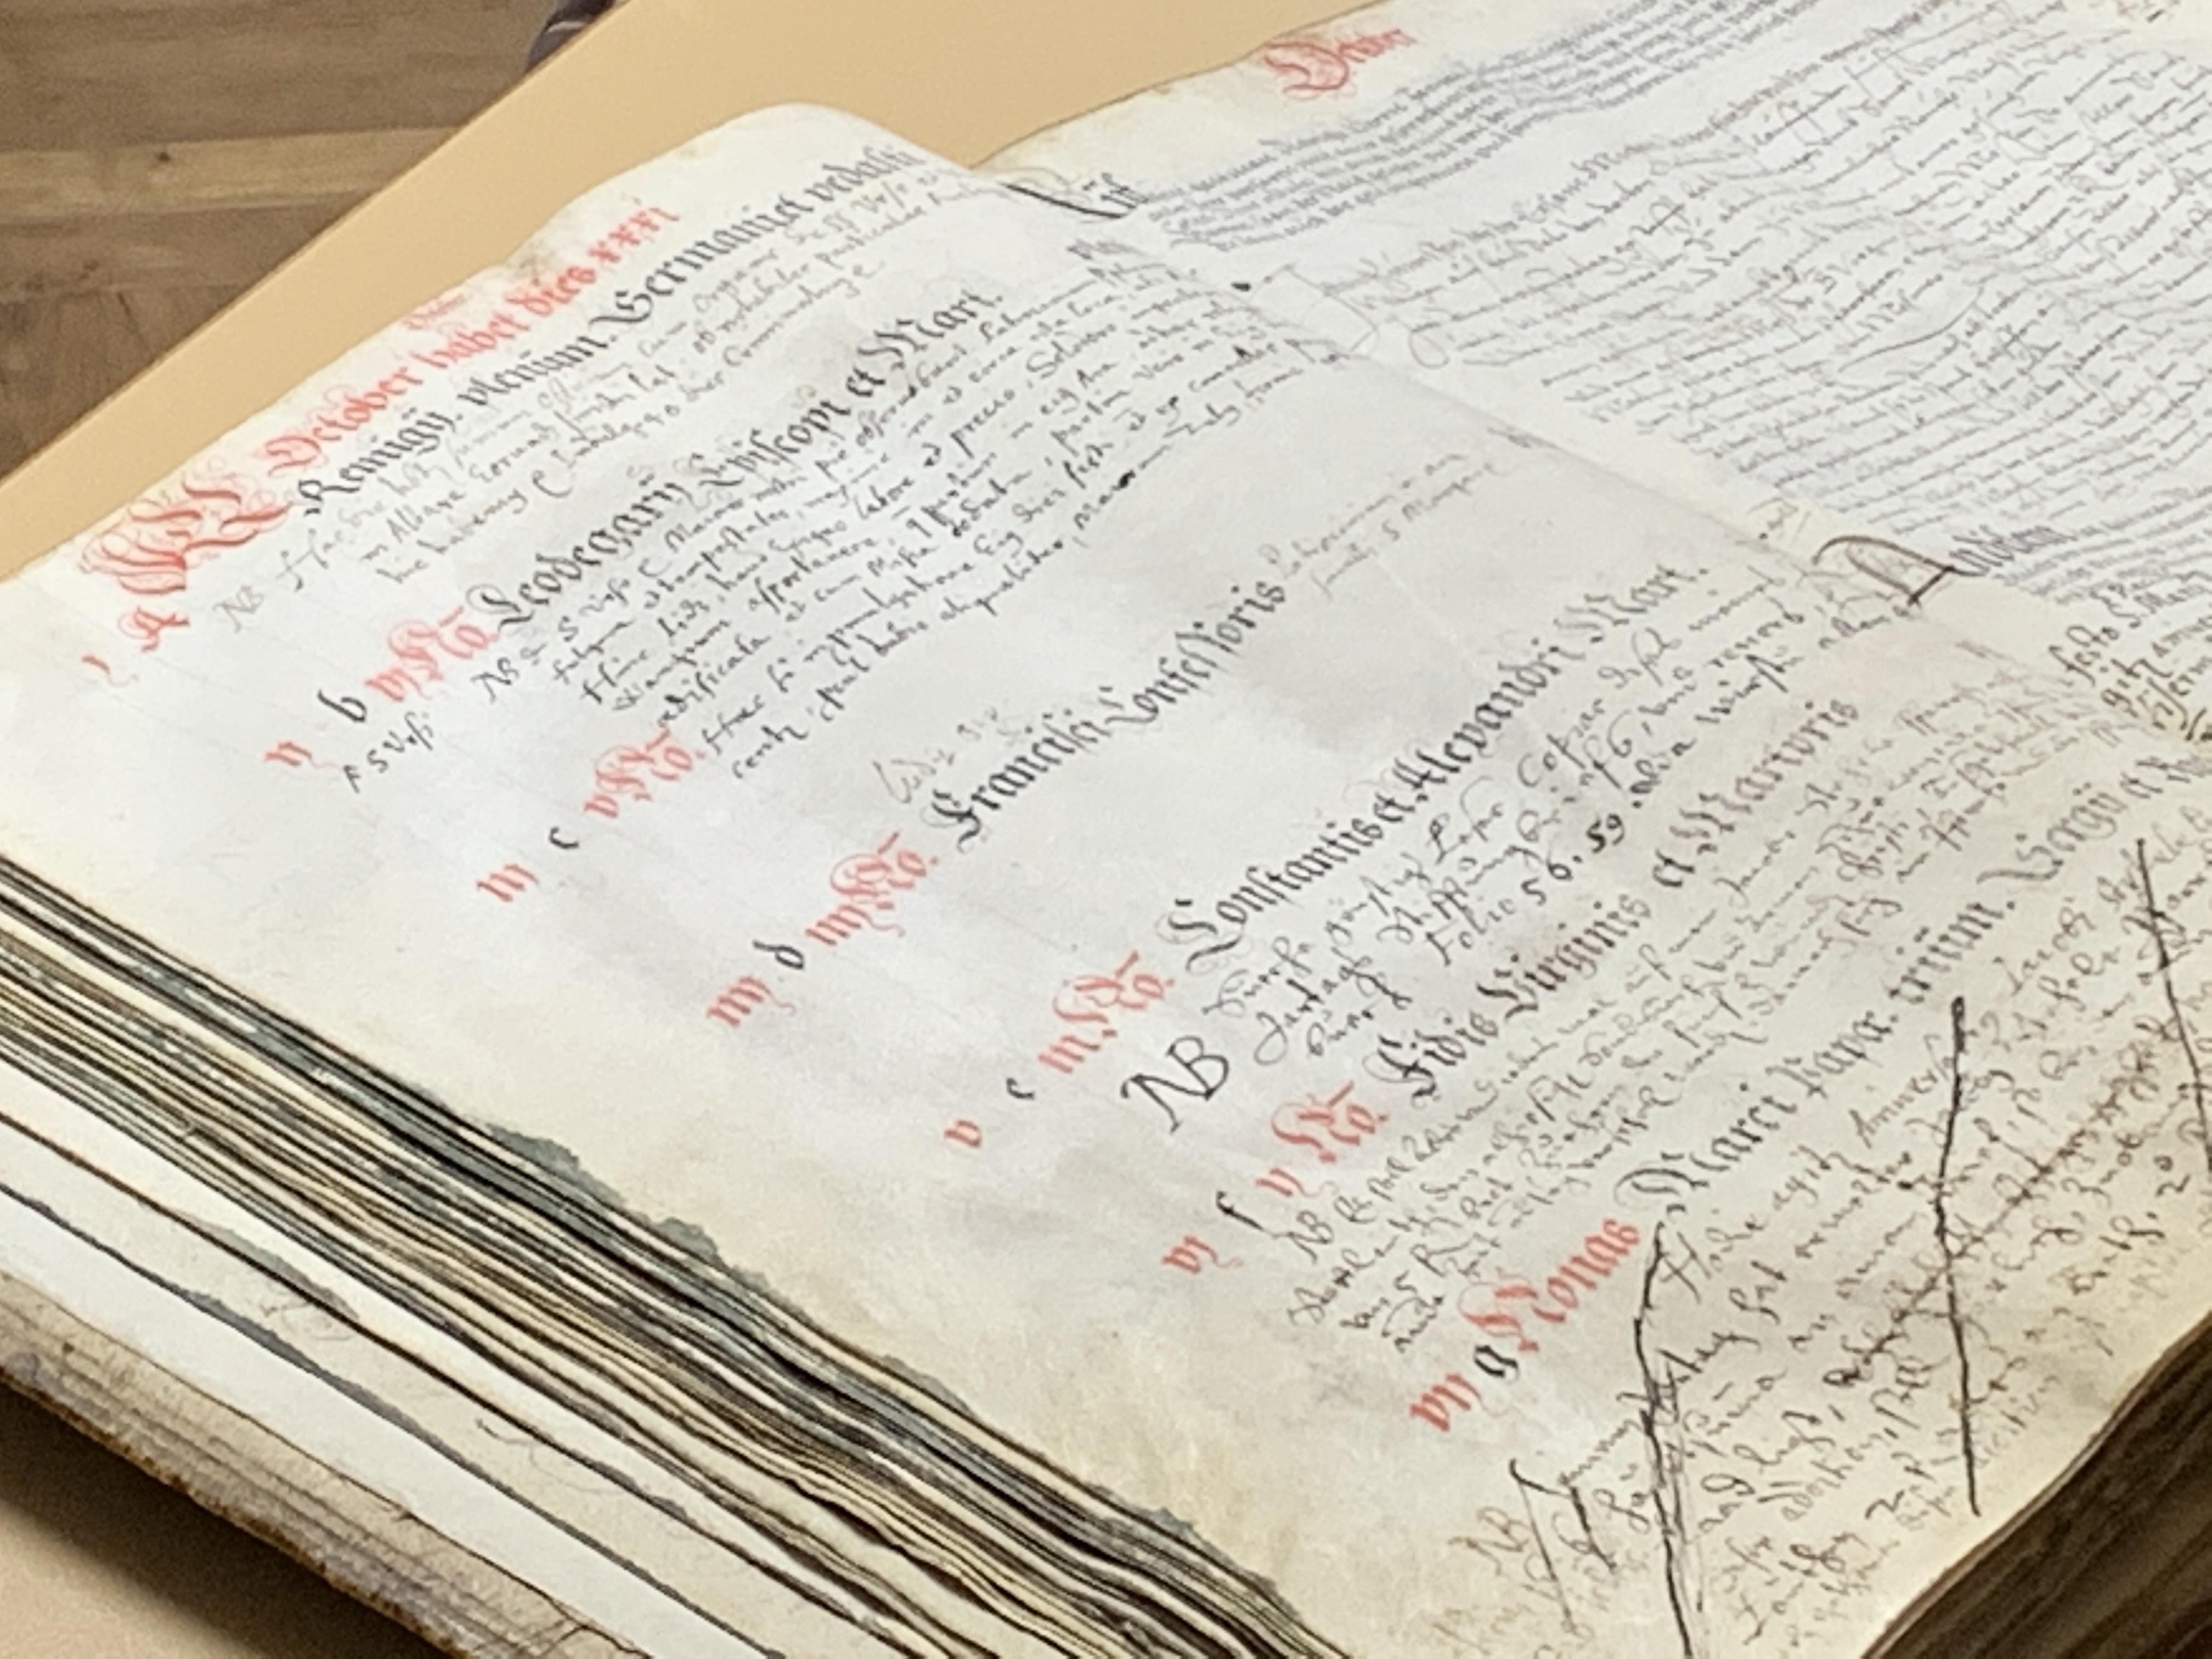 Vortrag 01.10.2019: Was die Sterbe- und Taufverzeichnisse (ab 1591) preisgeben